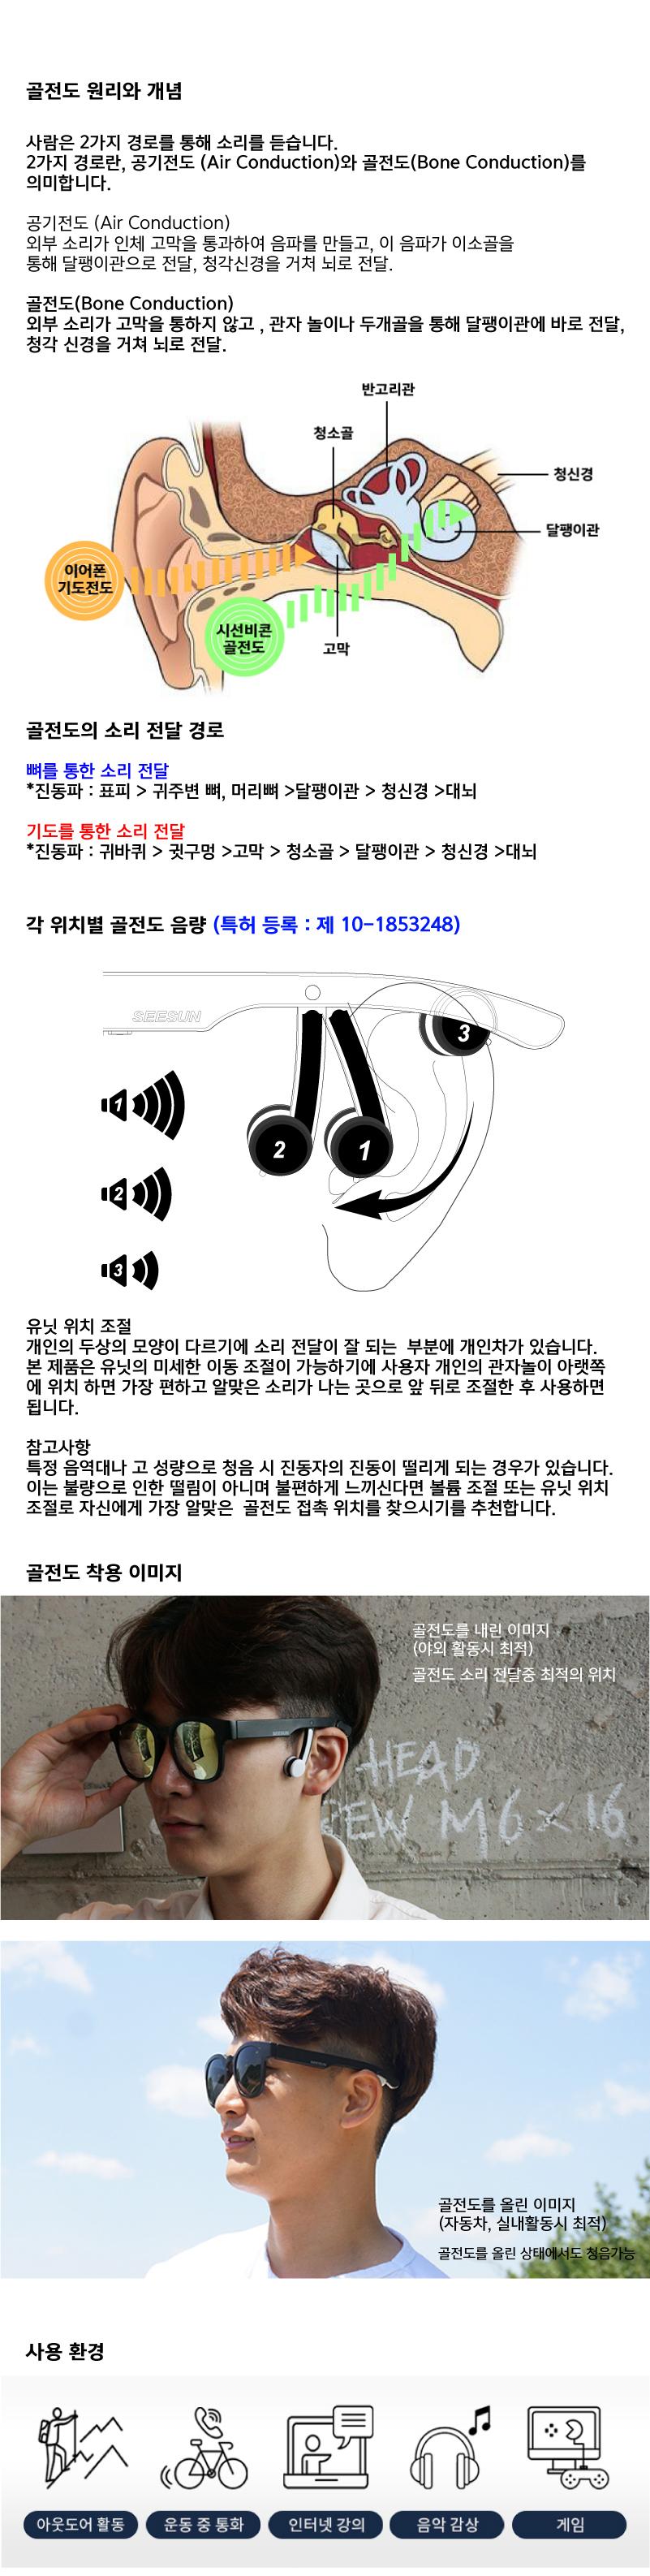 시선 BCON-10 블루투스 골전도 스마트 선글라스 스모그편광렌즈 MADE IN KOREA